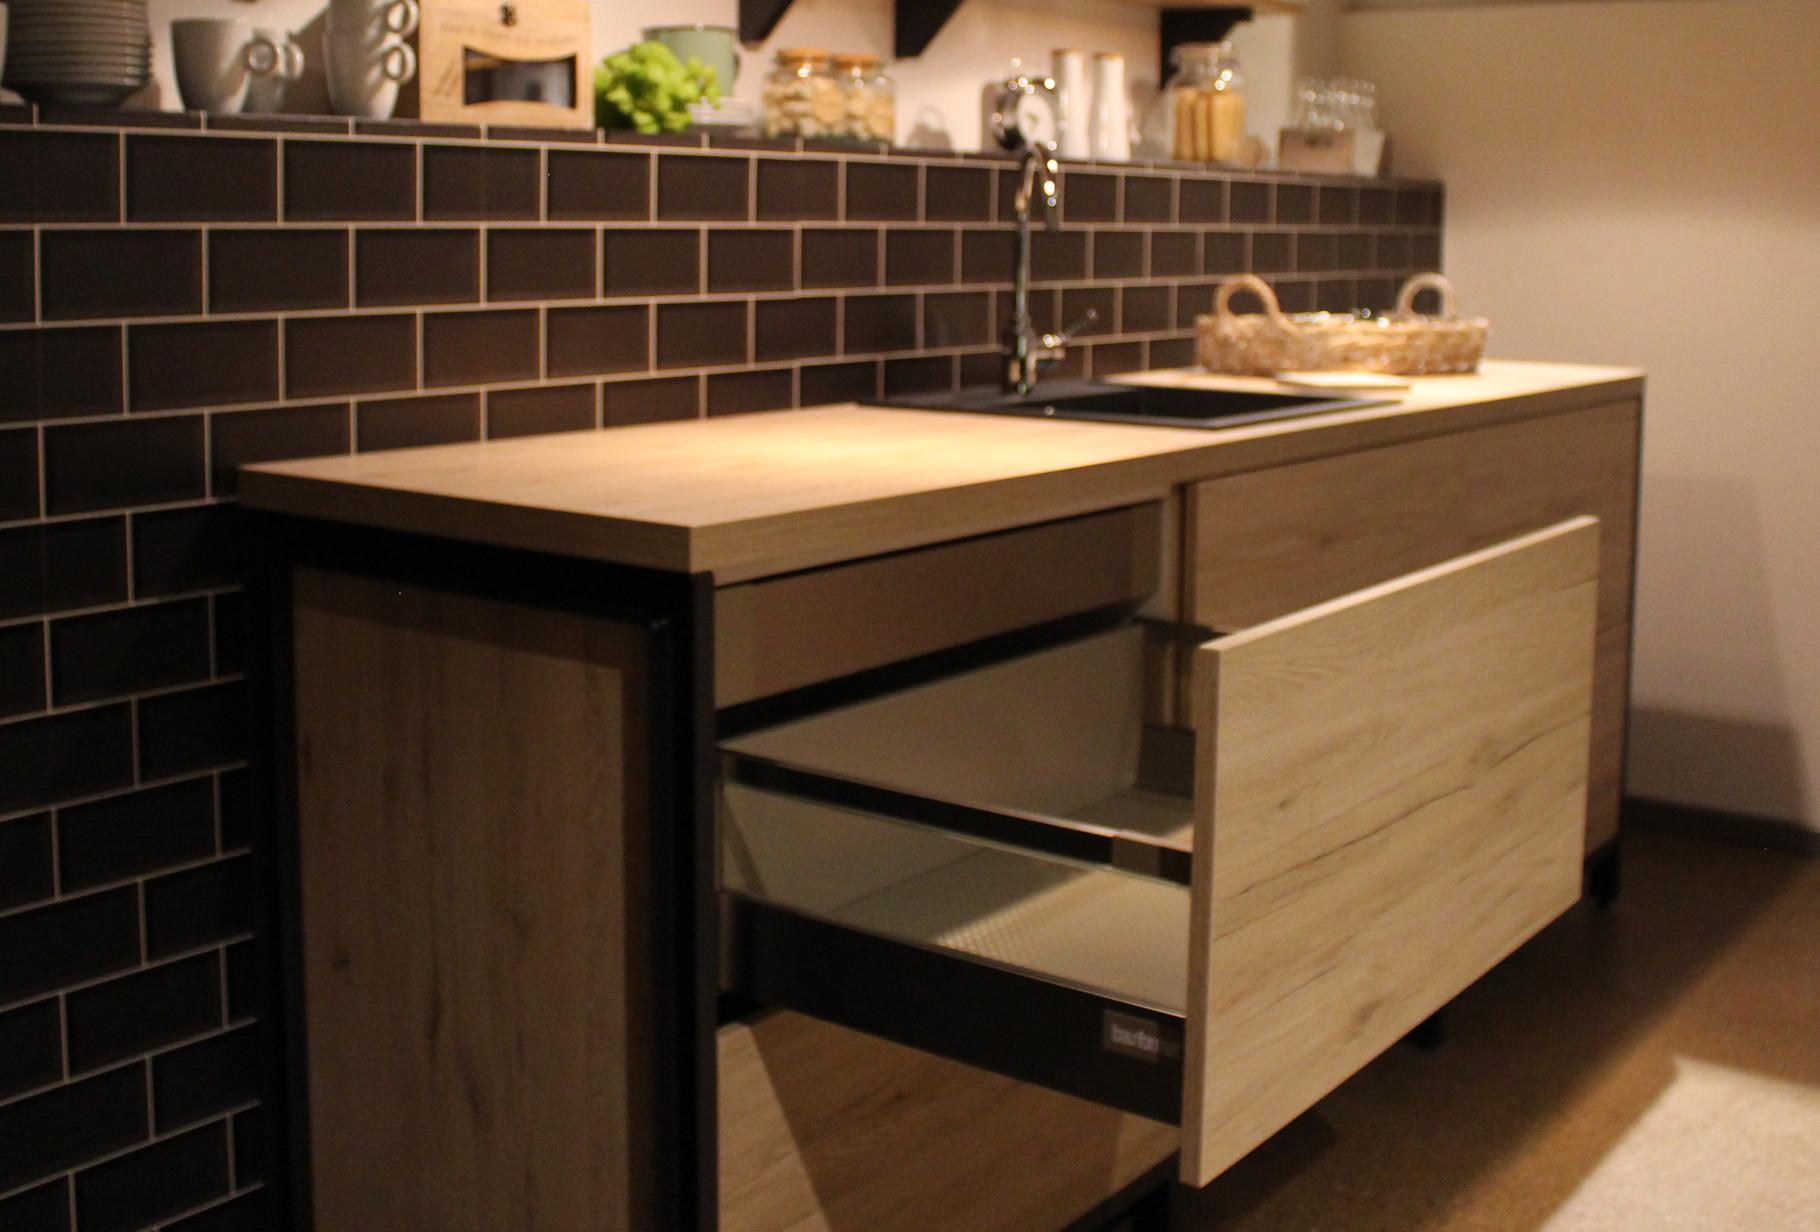 industrial design k chen wohnconcepte. Black Bedroom Furniture Sets. Home Design Ideas